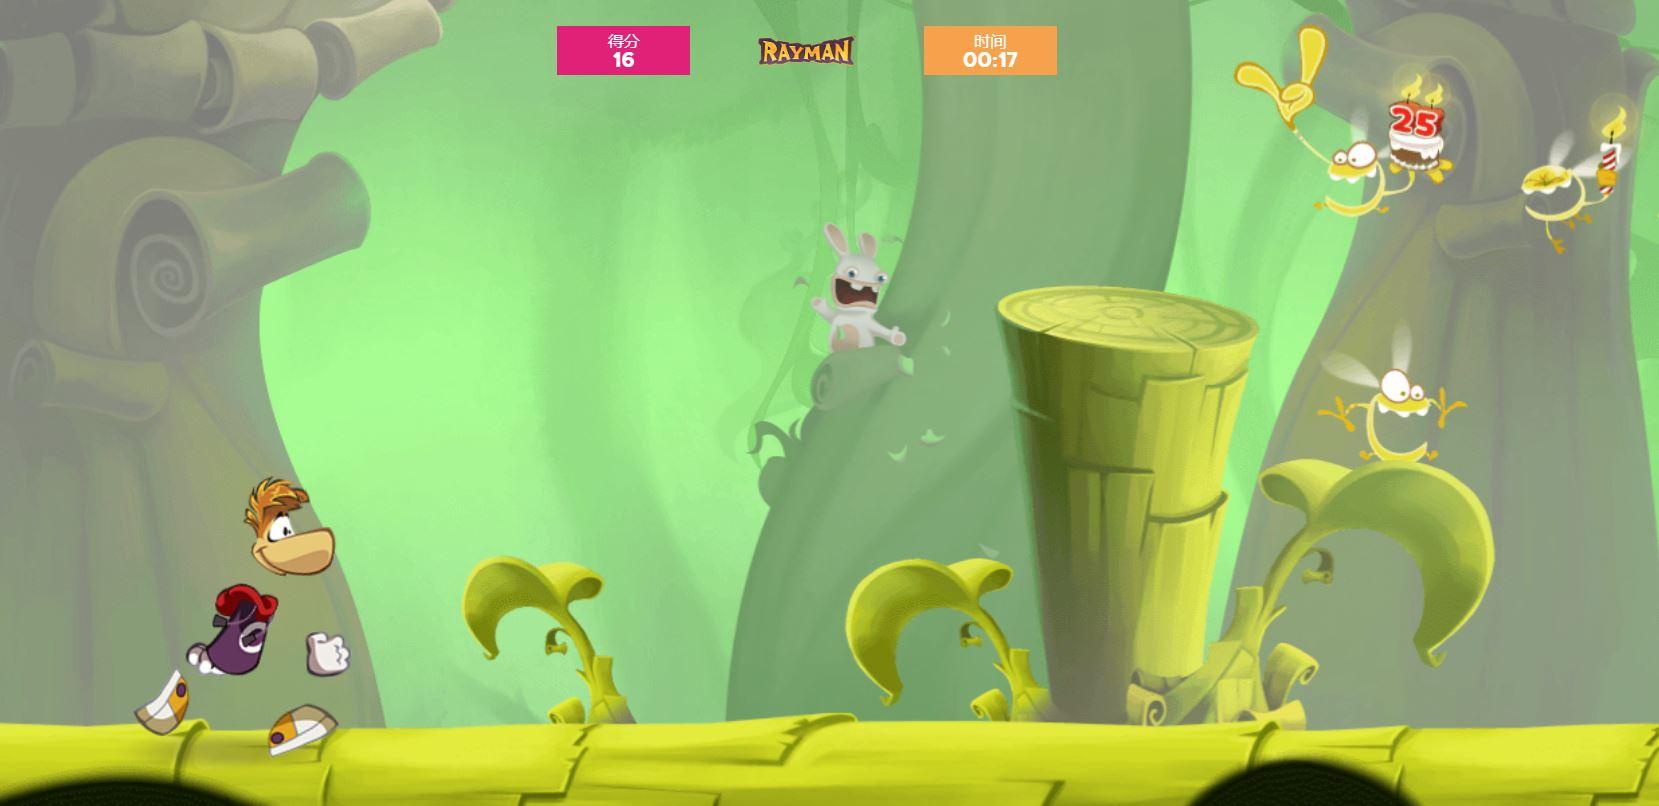 育碧推出圣诞跑酷小游戏 可扮演各种育碧游戏角色